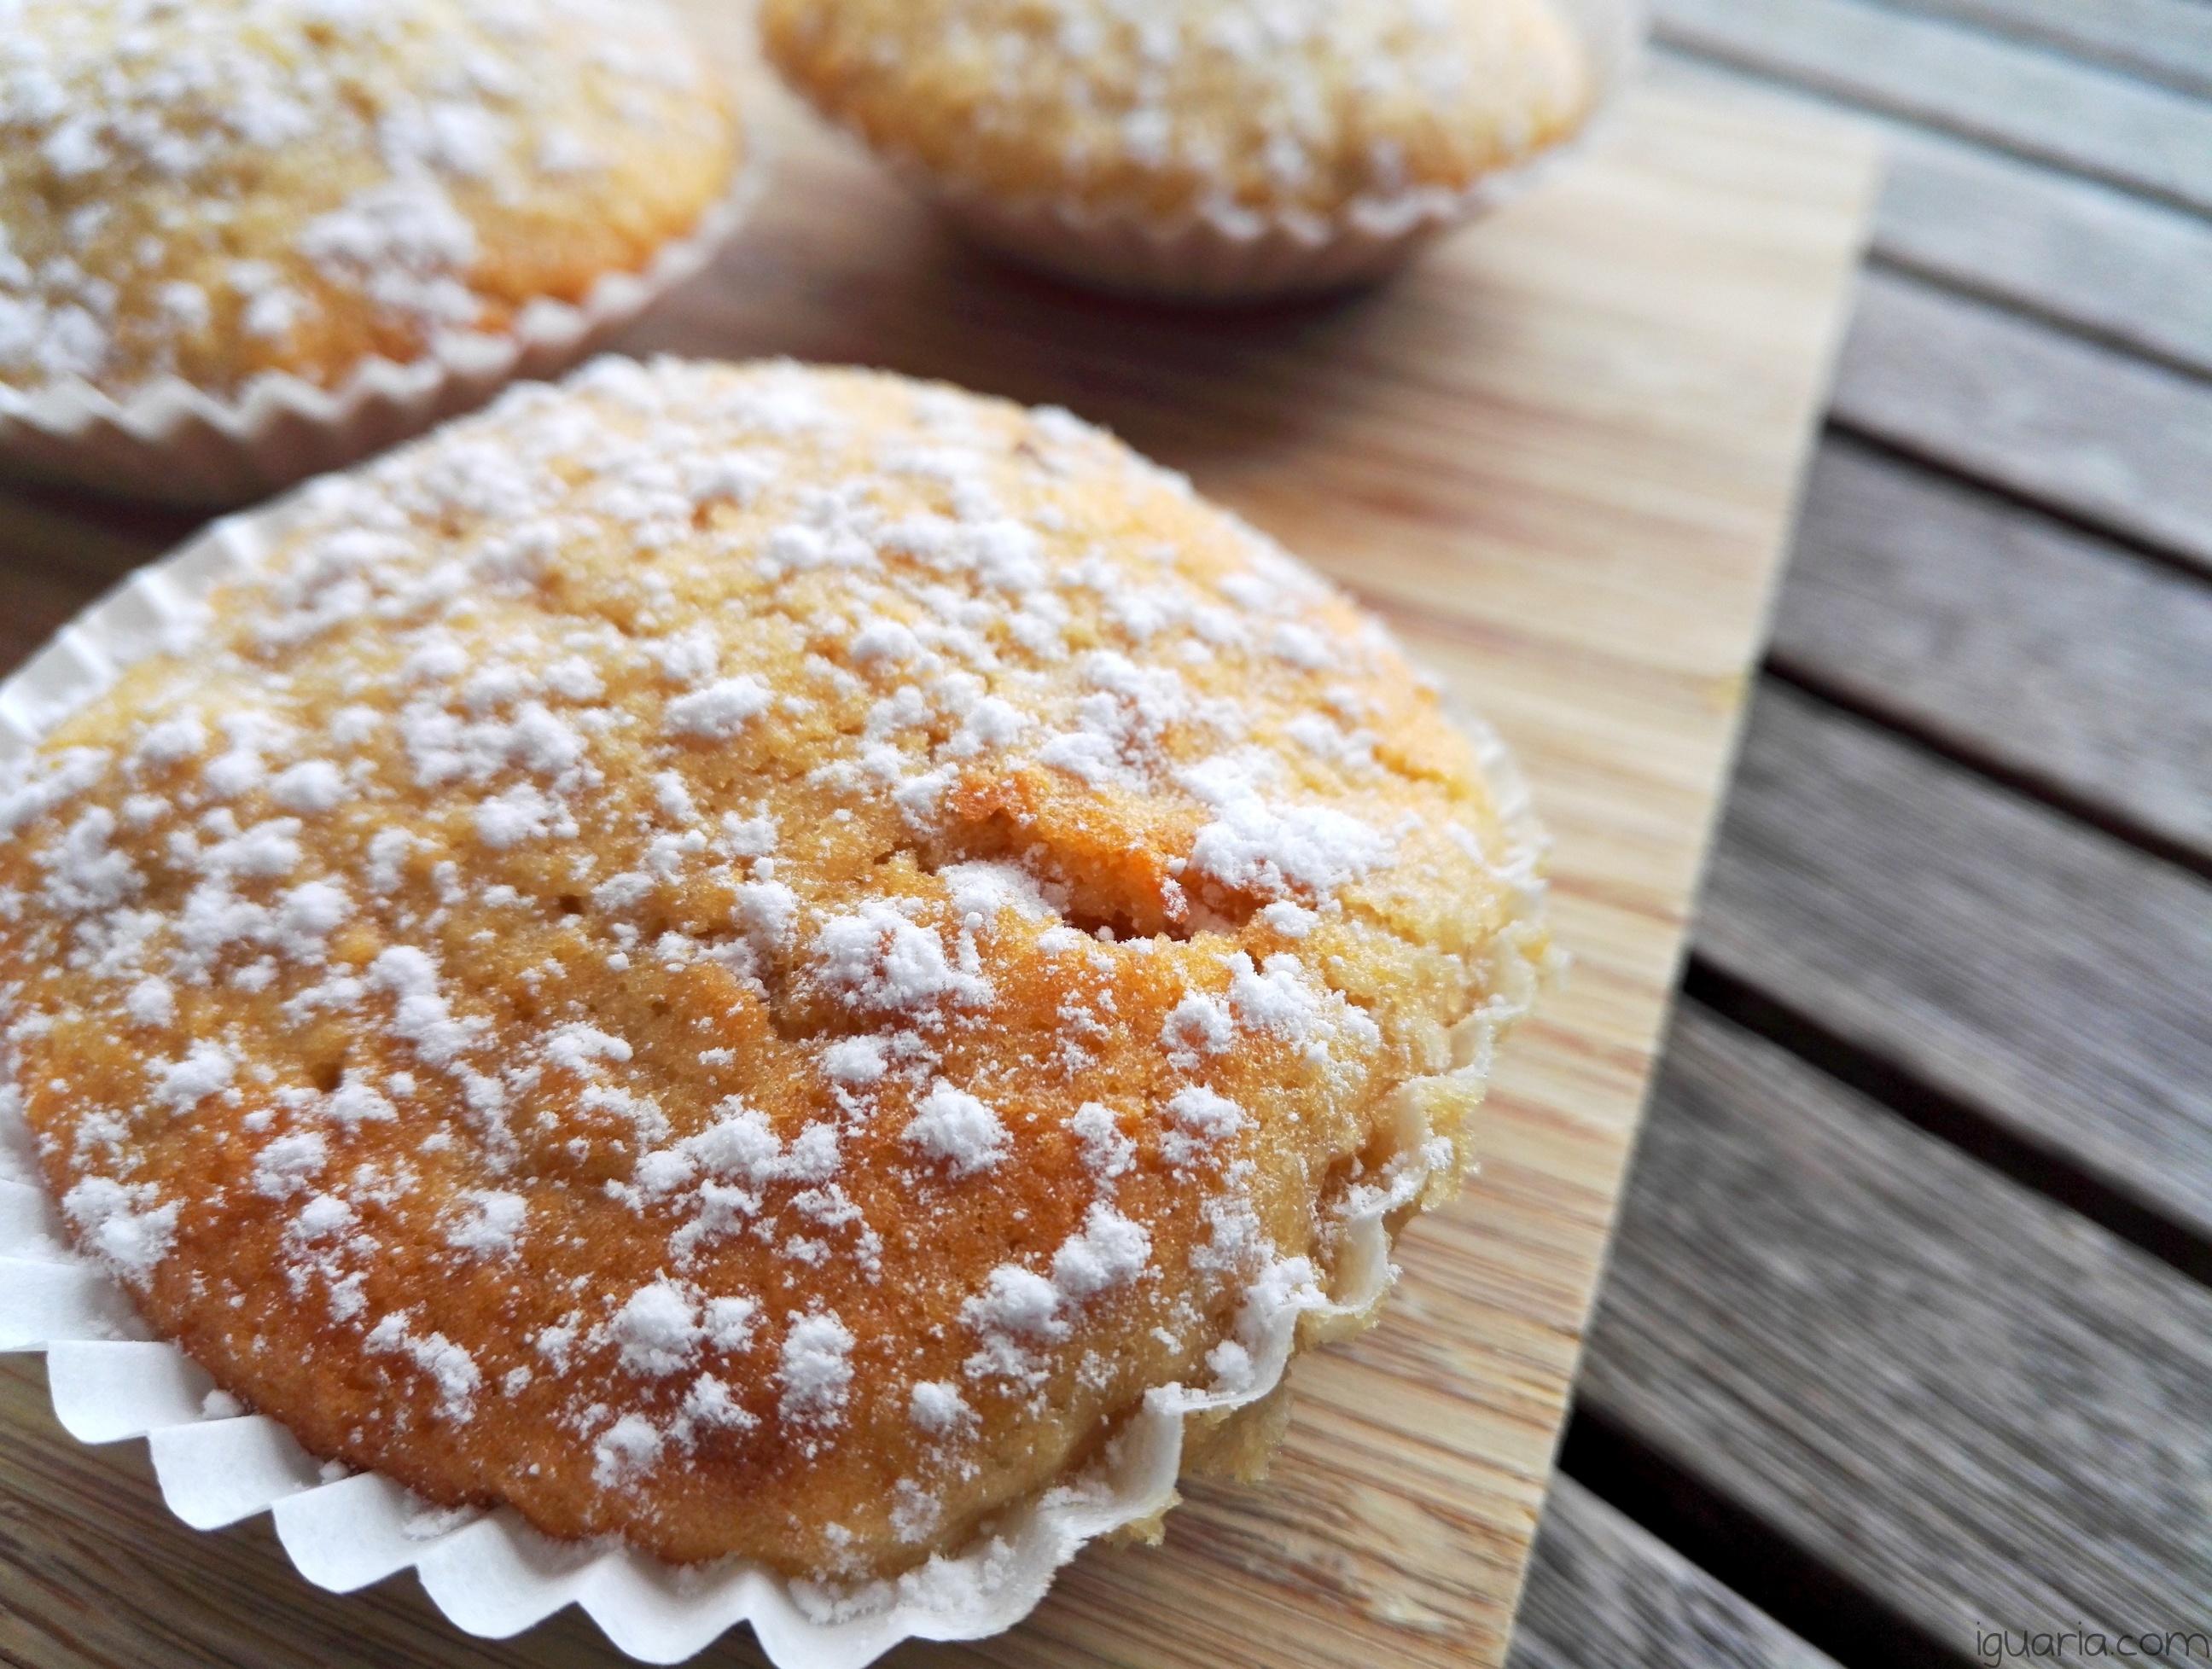 iguaria-cupcake-batata-doce